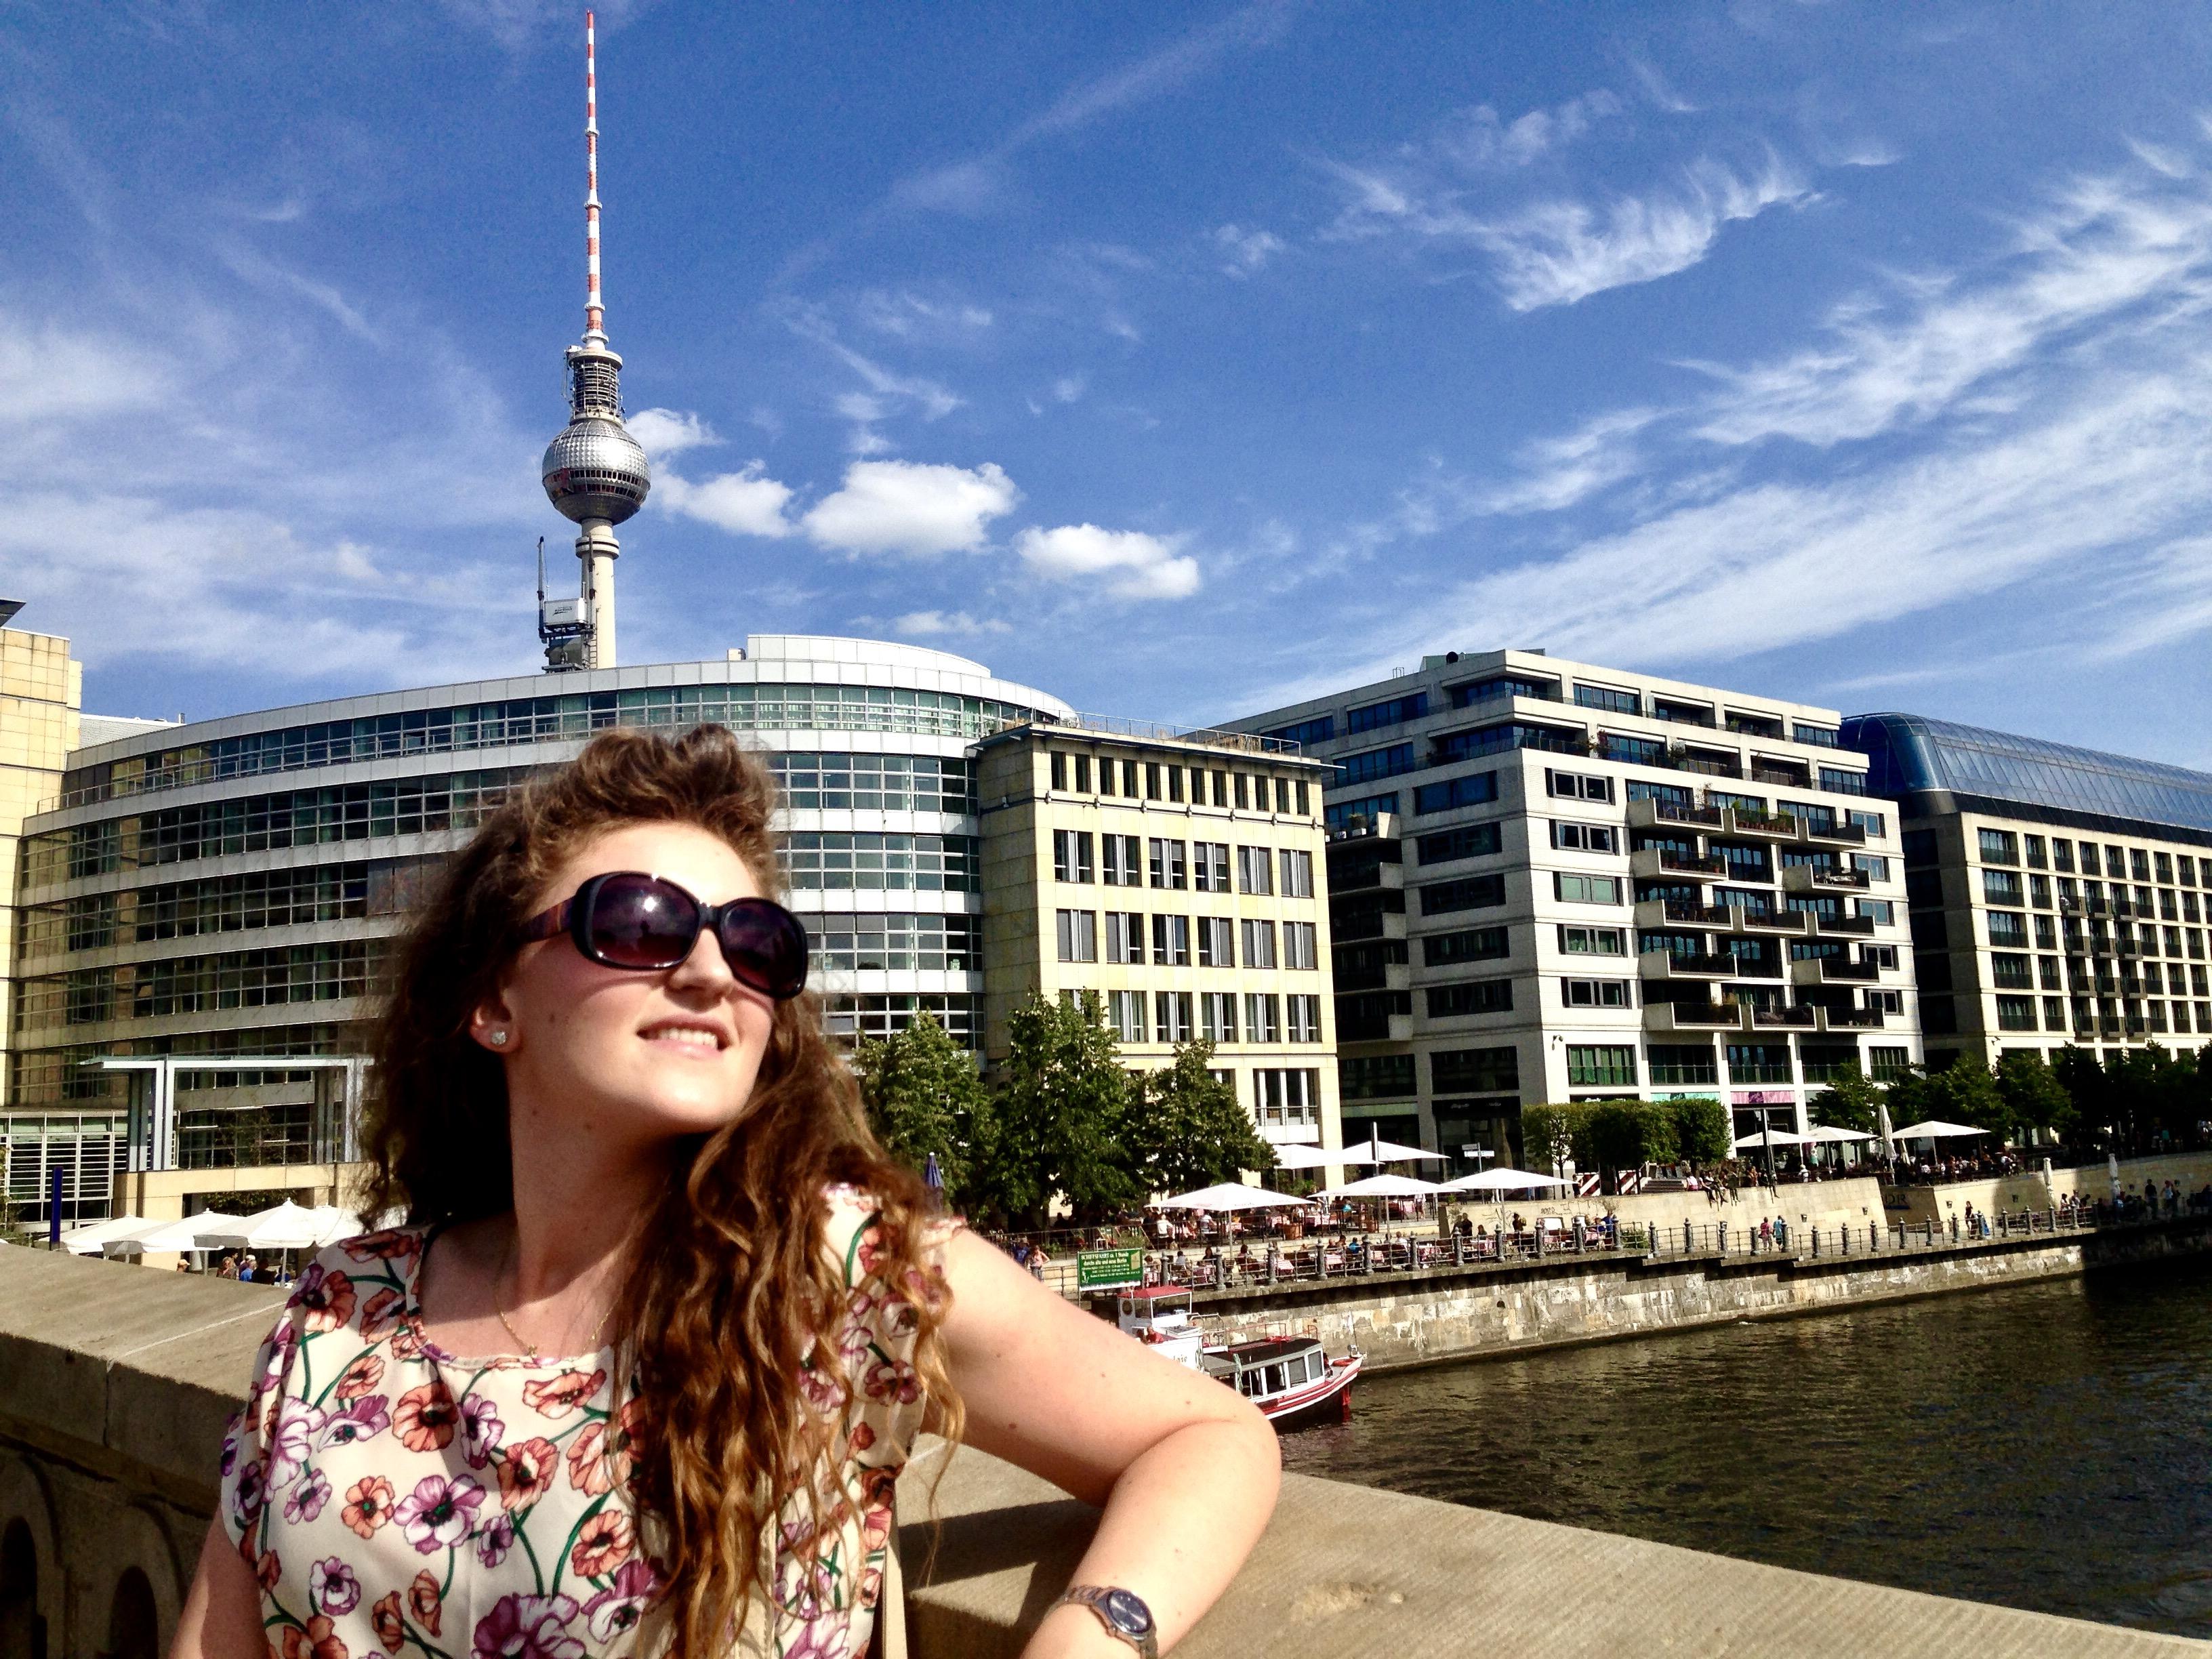 În spate se observă Turnul Televiziunii, unul dintre simbolurile orașului